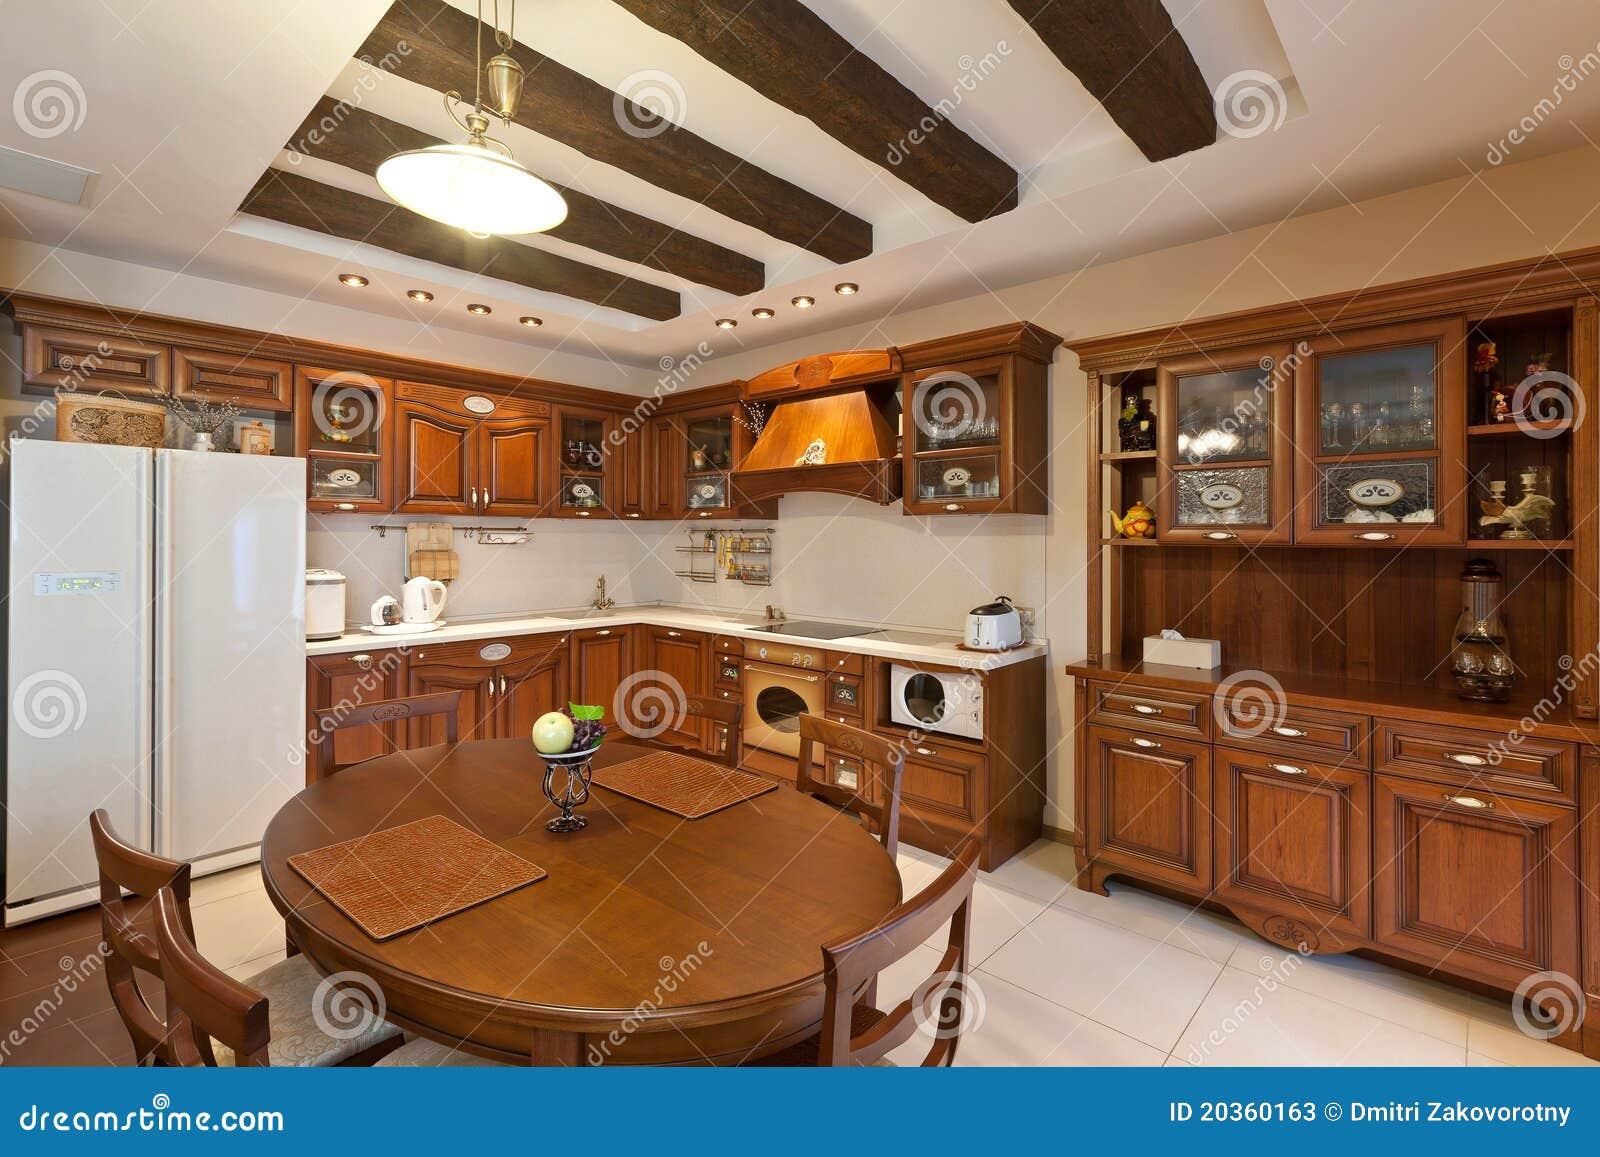 Belle cuisine moderne ides de cuisine moderne o le bois for Belle cuisine moderne